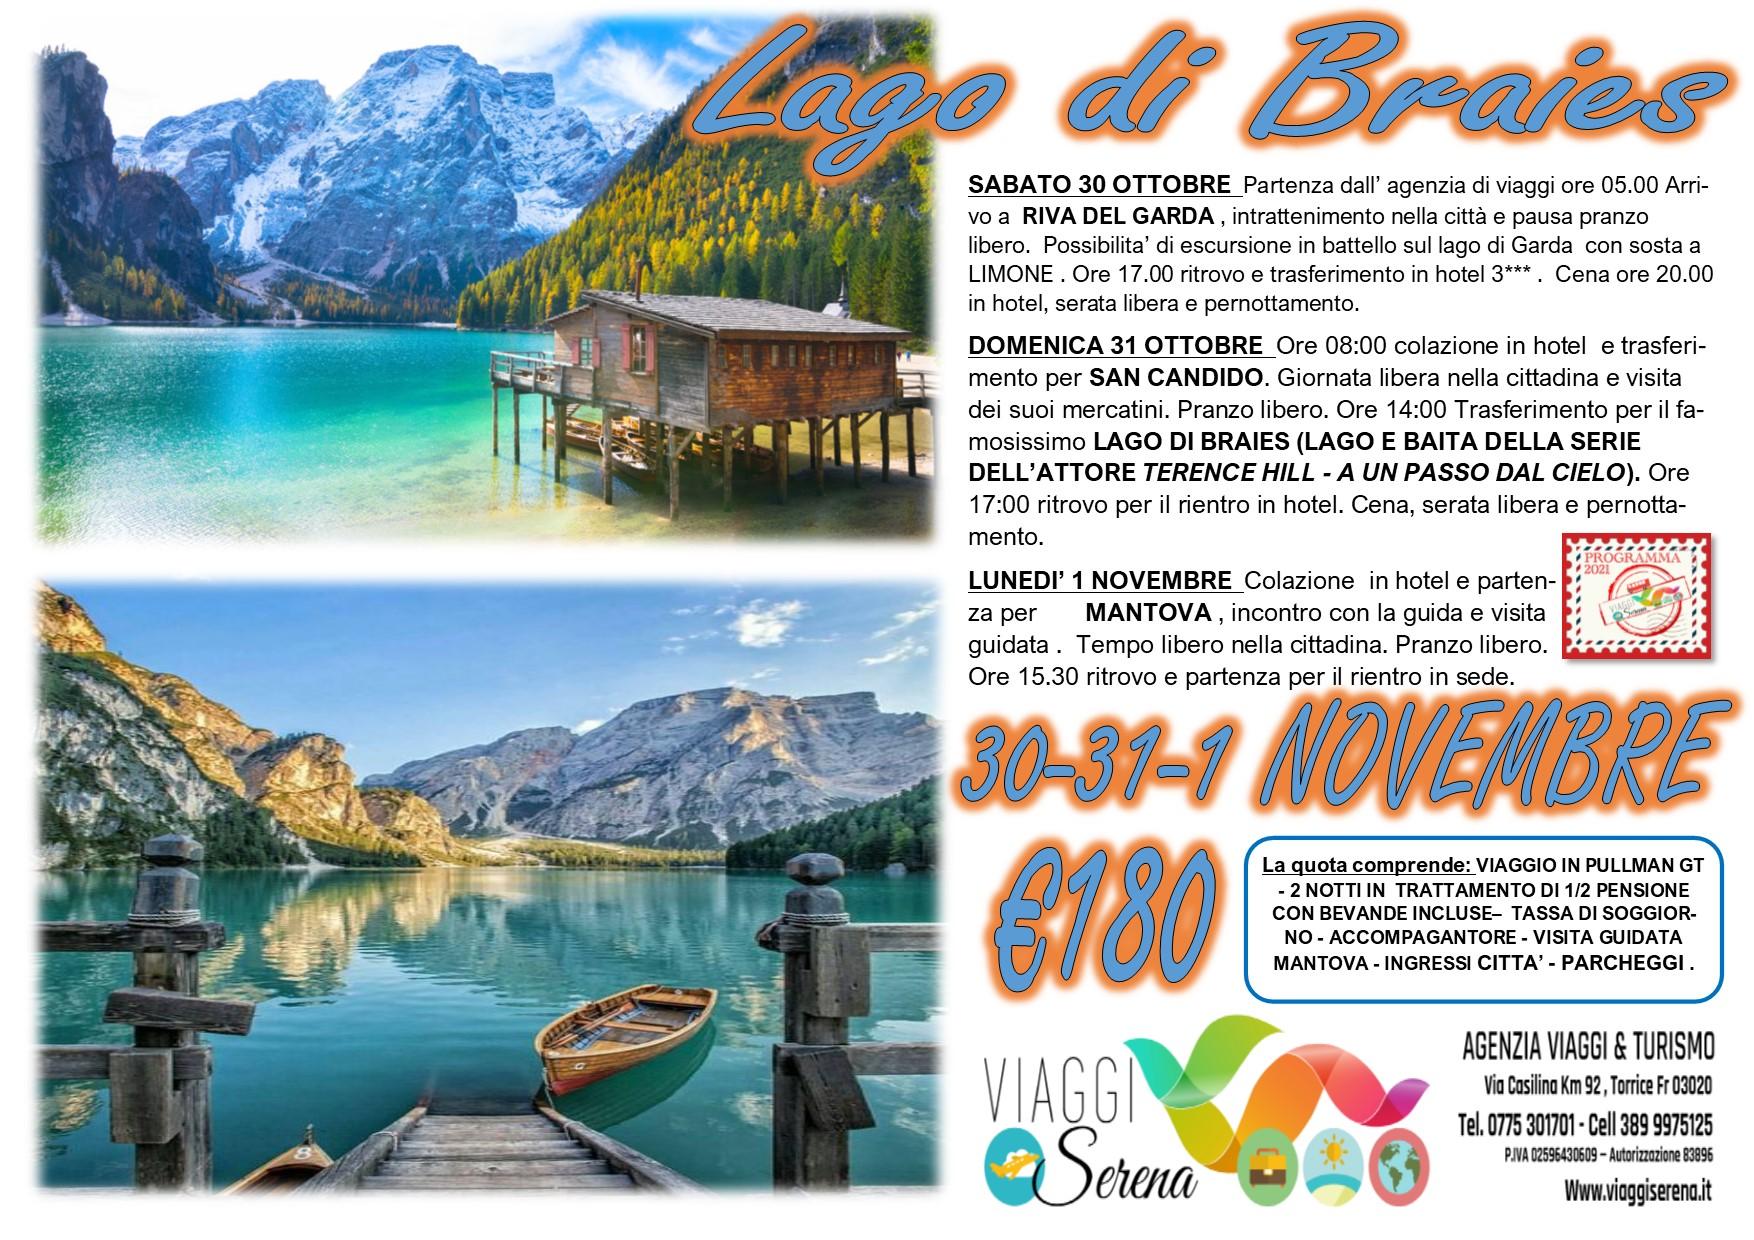 Viaggi di Gruppo: Lago di BRAIES , Riva del Garda & Mantova 30-31 Ottobre & 1 Novembre € 180,00